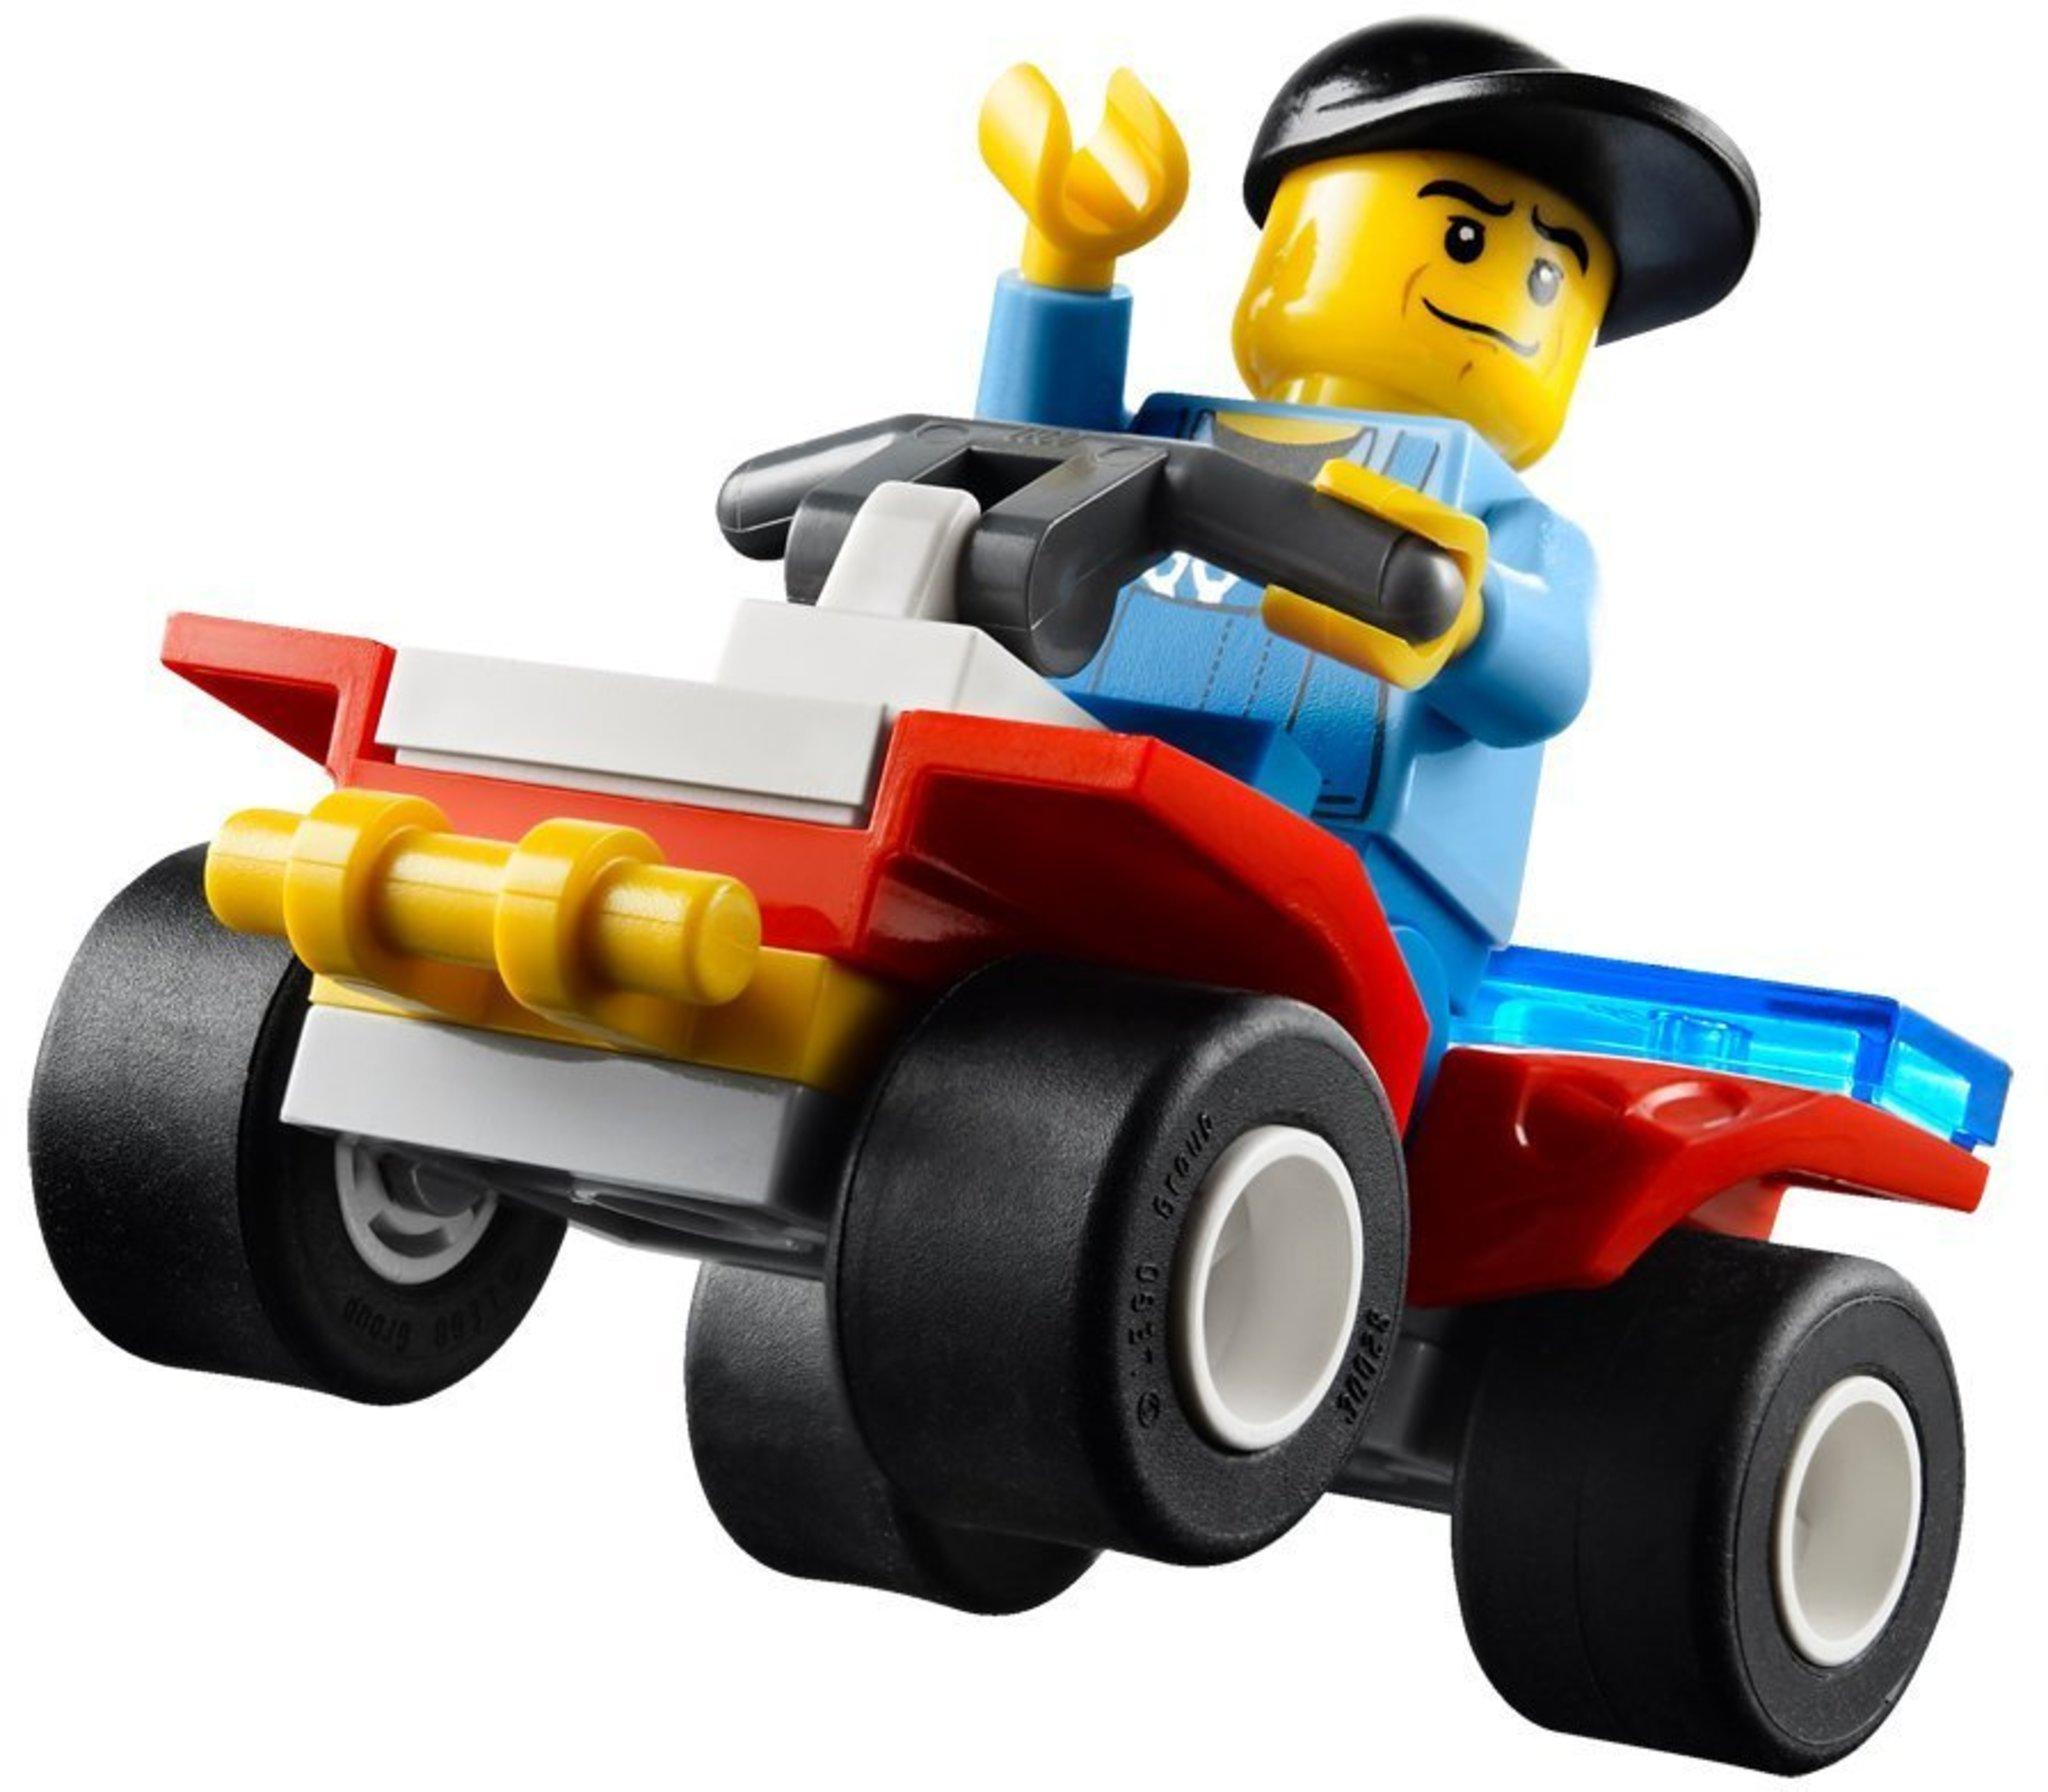 LEGO City 4428 - Calendario dell'Avvento | Mattonito